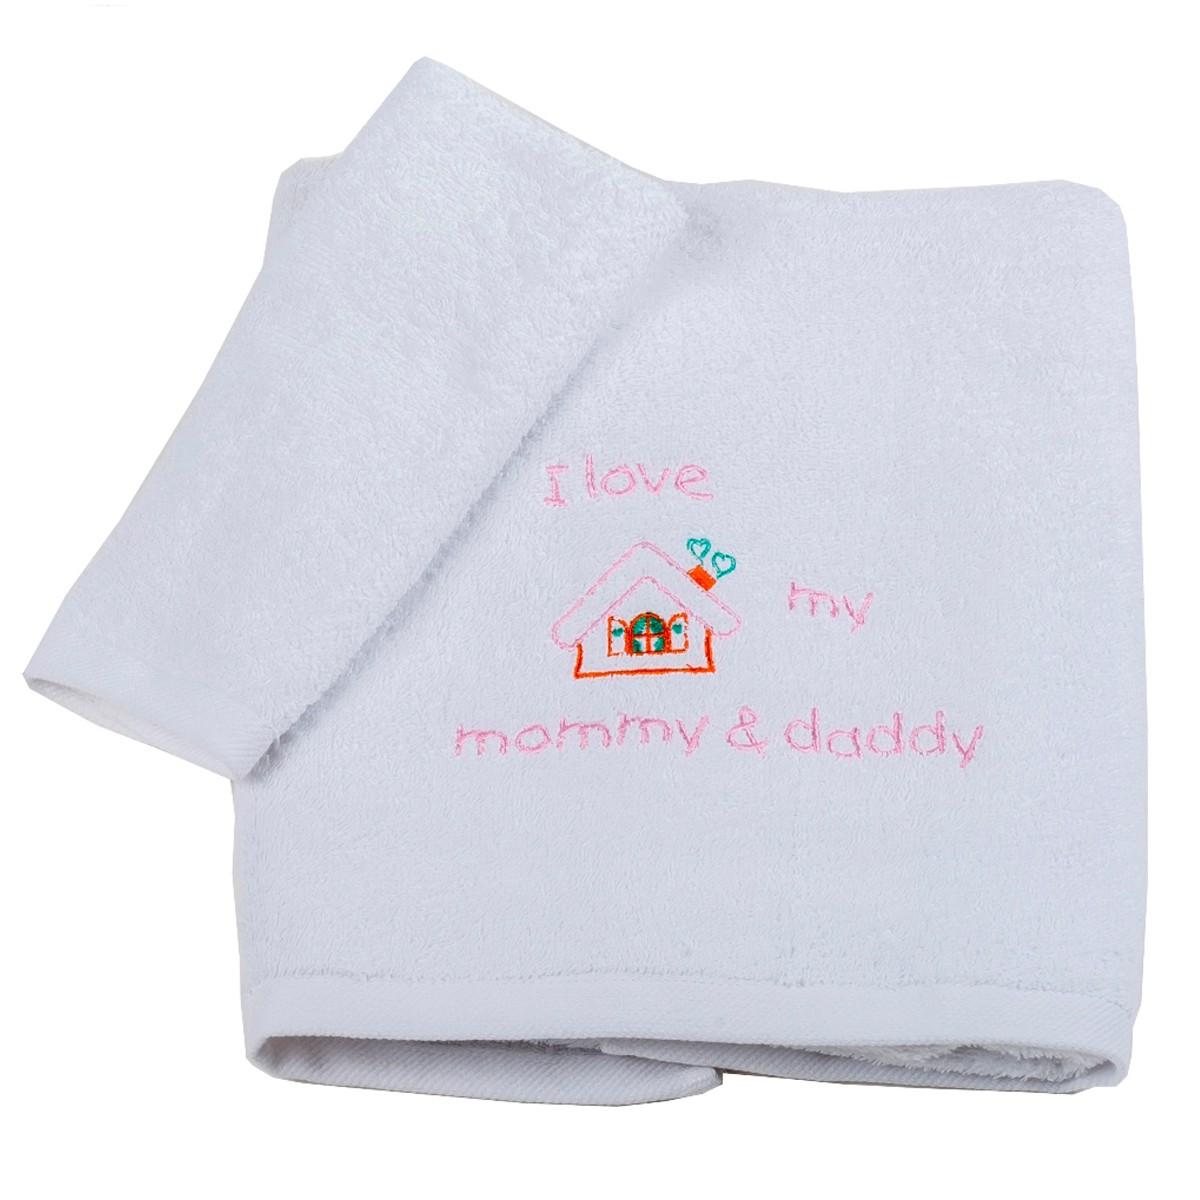 Βρεφικές Πετσέτες (Σετ 2τμχ) Κόσμος Του Μωρού Love 0502 Ροζ 74635